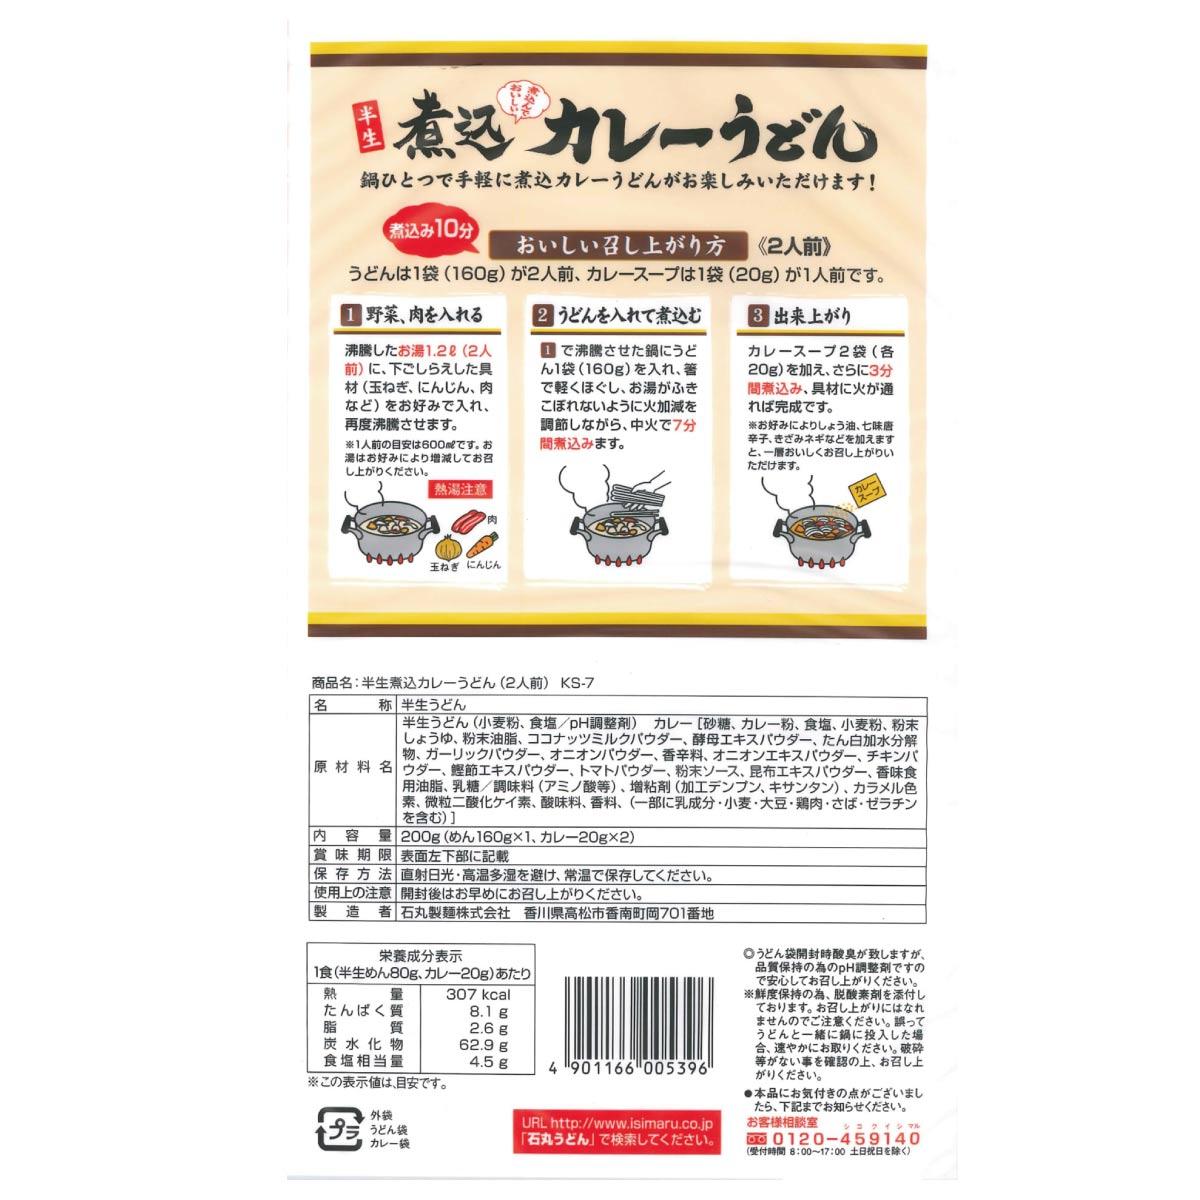 半生煮込カレーうどんKS-7(1袋)